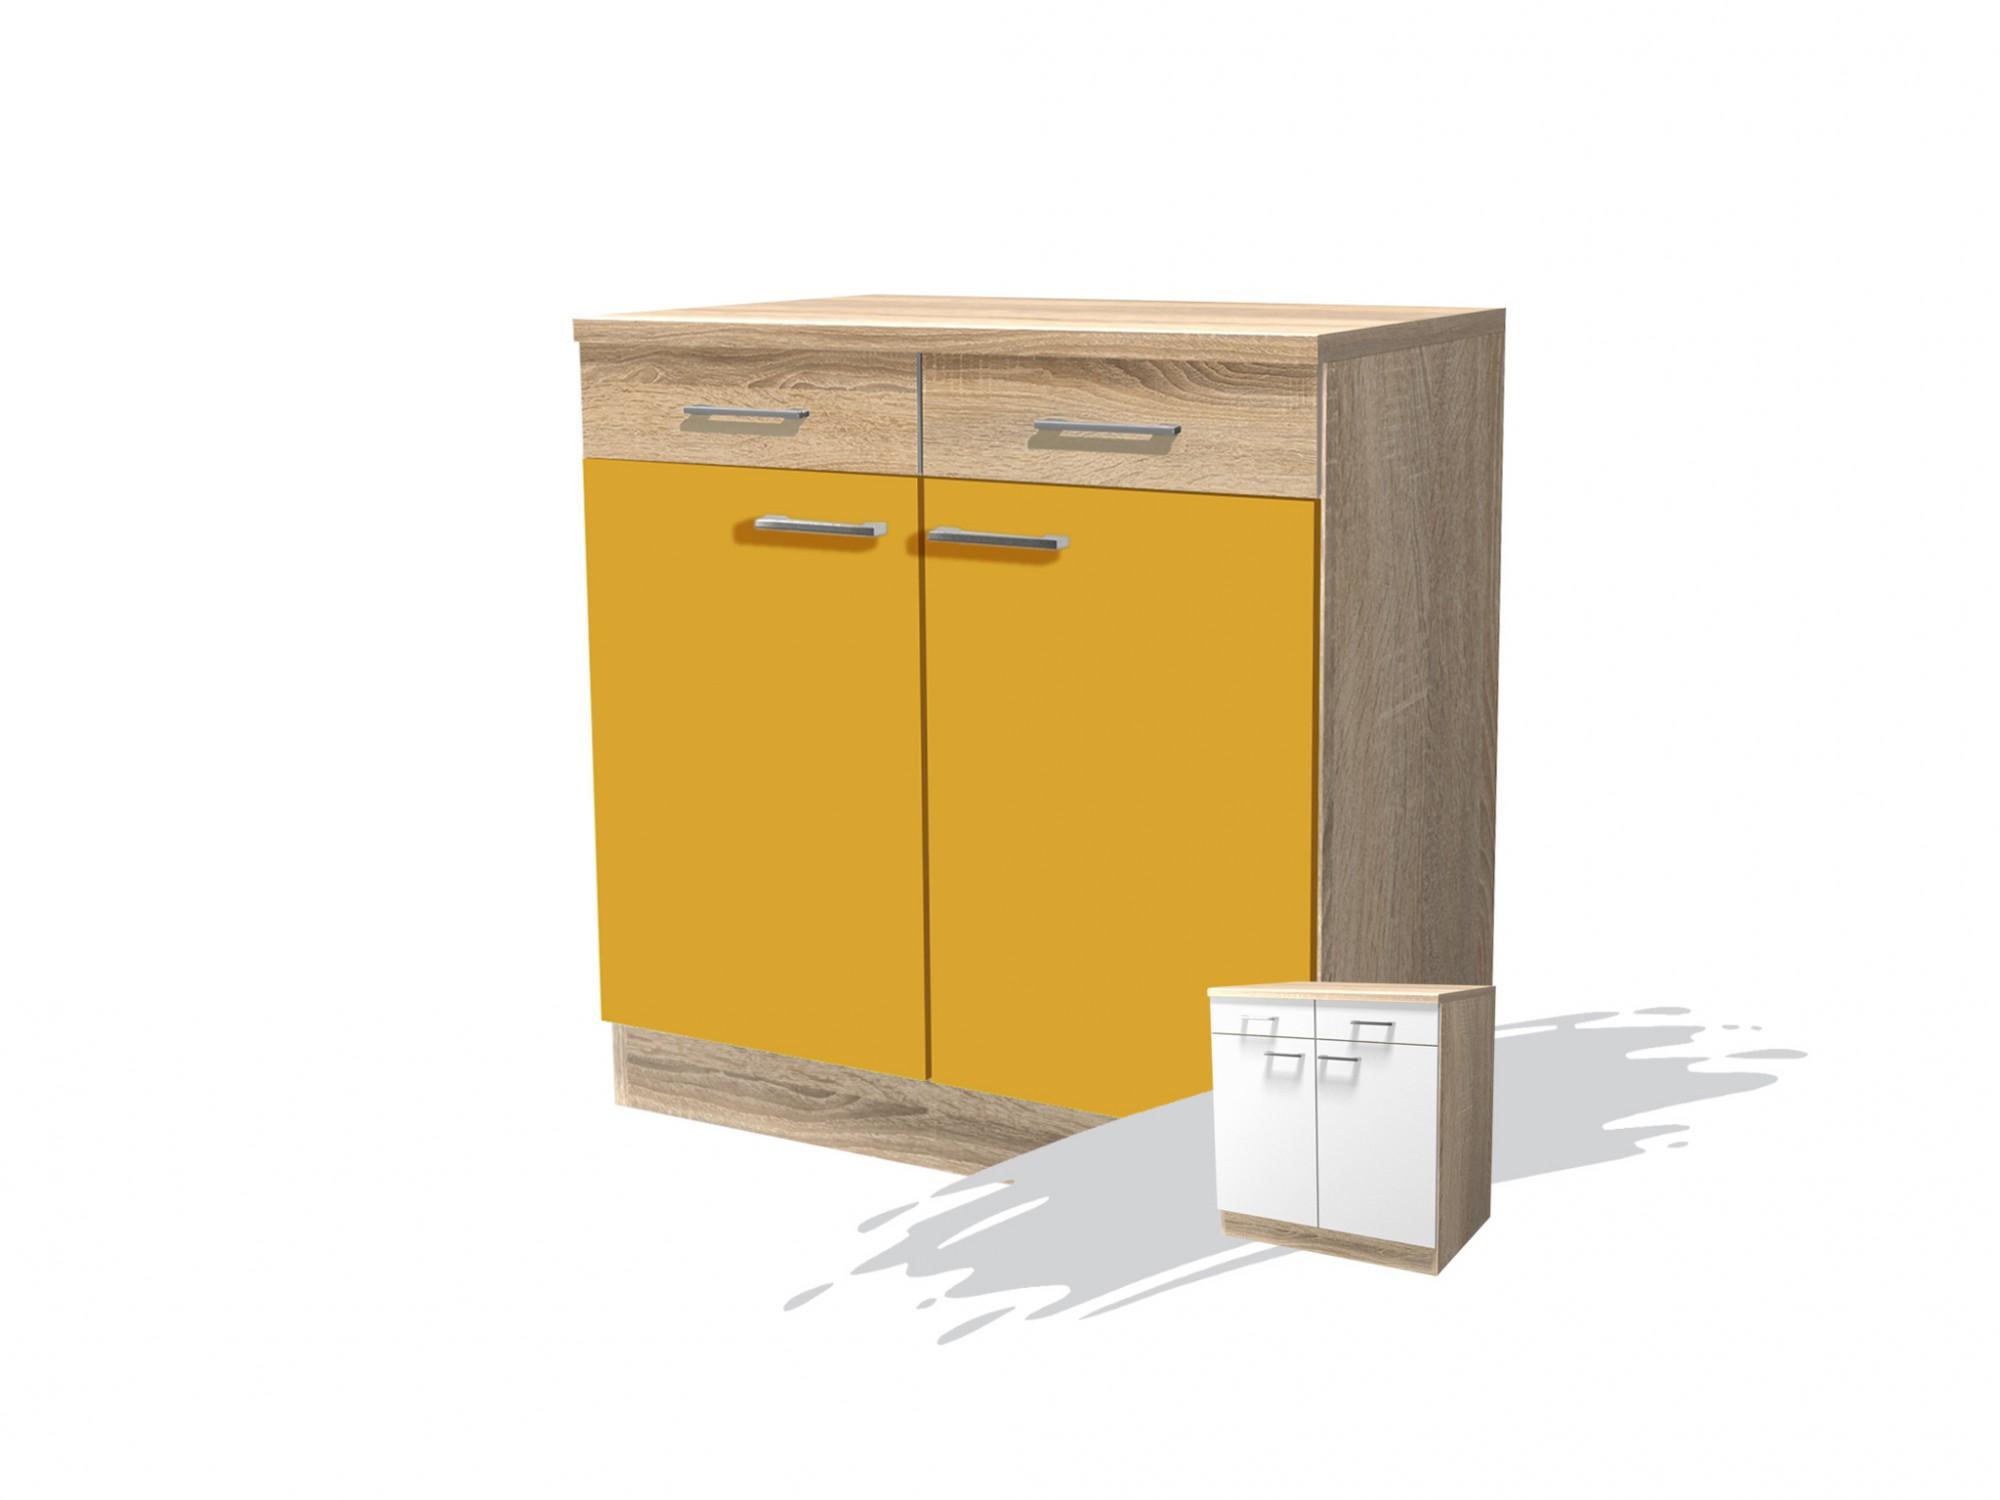 K chen unterschrank rom 2 t rig 80 cm breit gelb for Esszimmertisch 80 cm breit